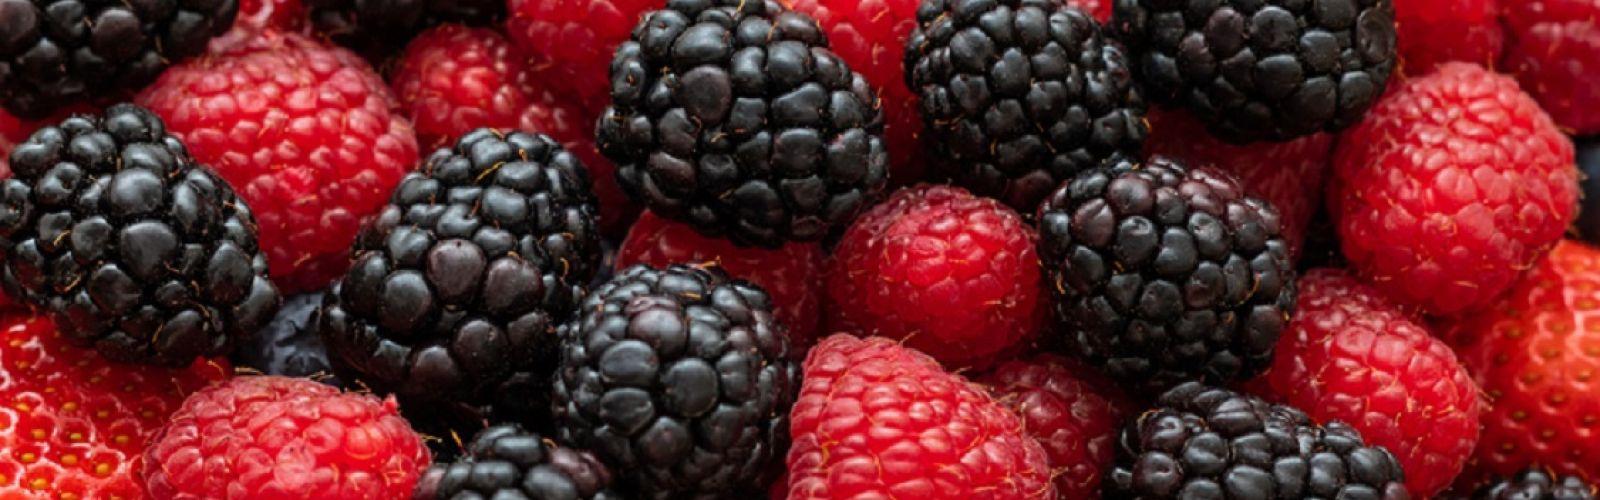 raspberries and blackberries